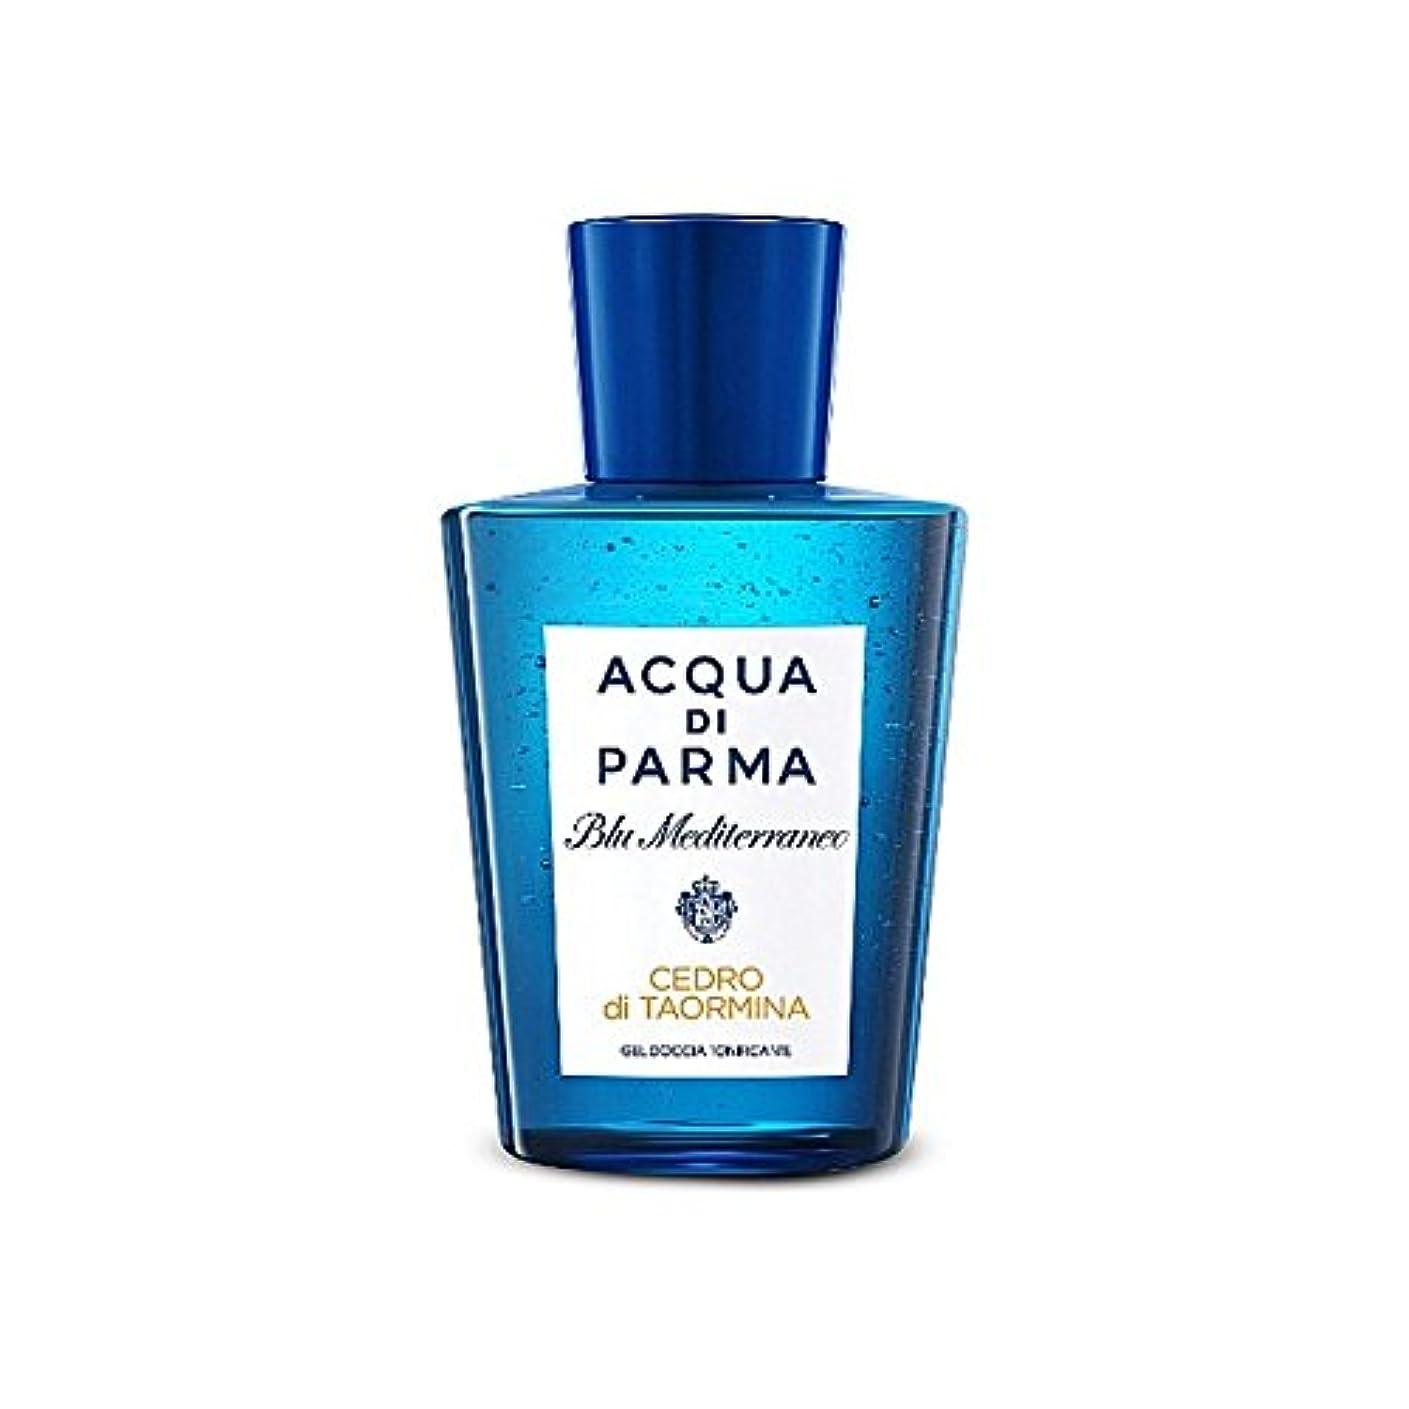 タイヤ説得ホストAcqua Di Parma Cedro Di Taormina Shower Gel 200ml (Pack of 6) - アクアディパルマディミーナシャワージェル200 x6 [並行輸入品]